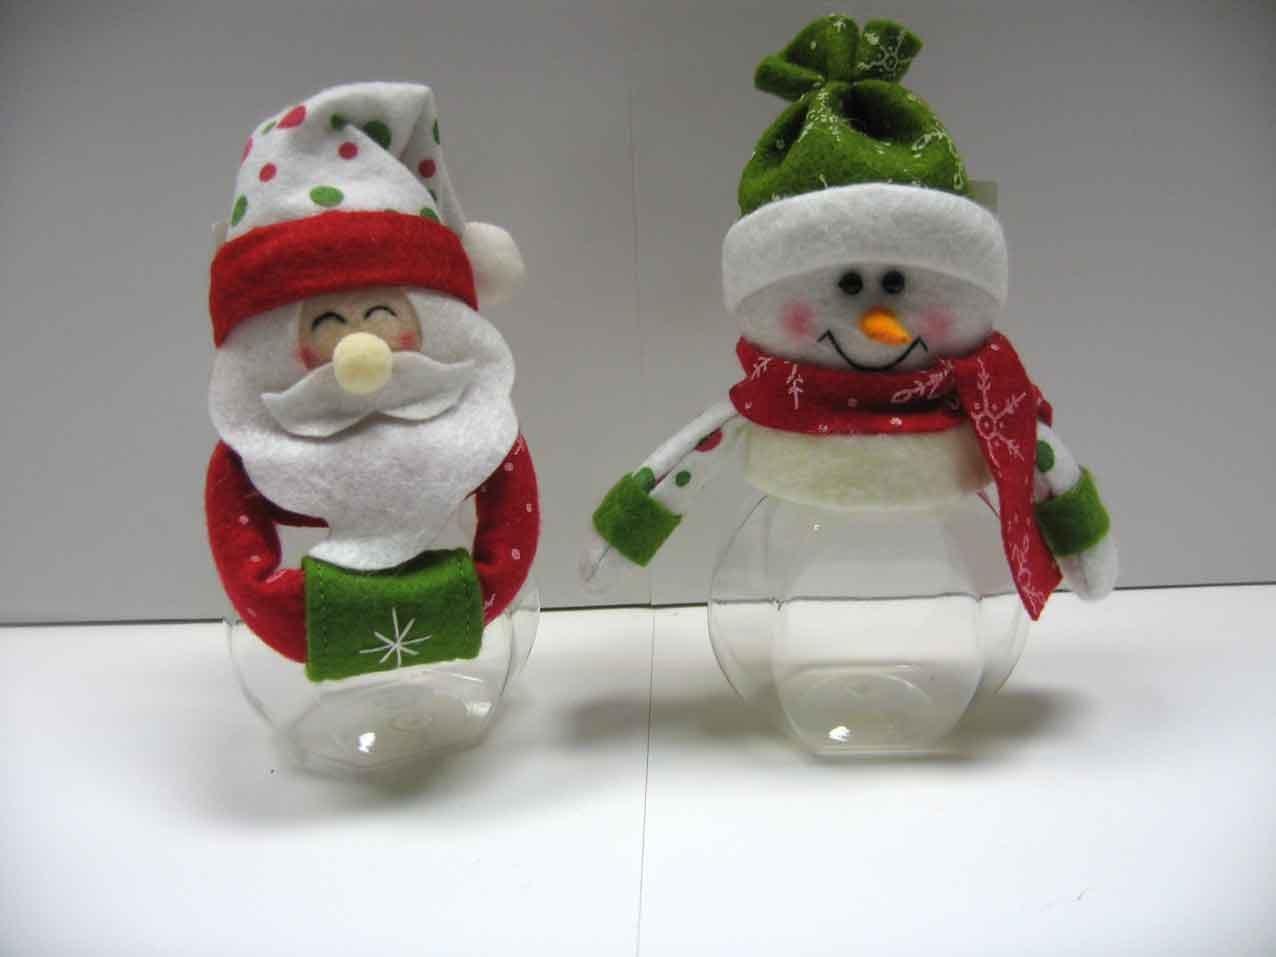 Reciclarte santiago del estero productos navidad - Manualidades para navidades ...